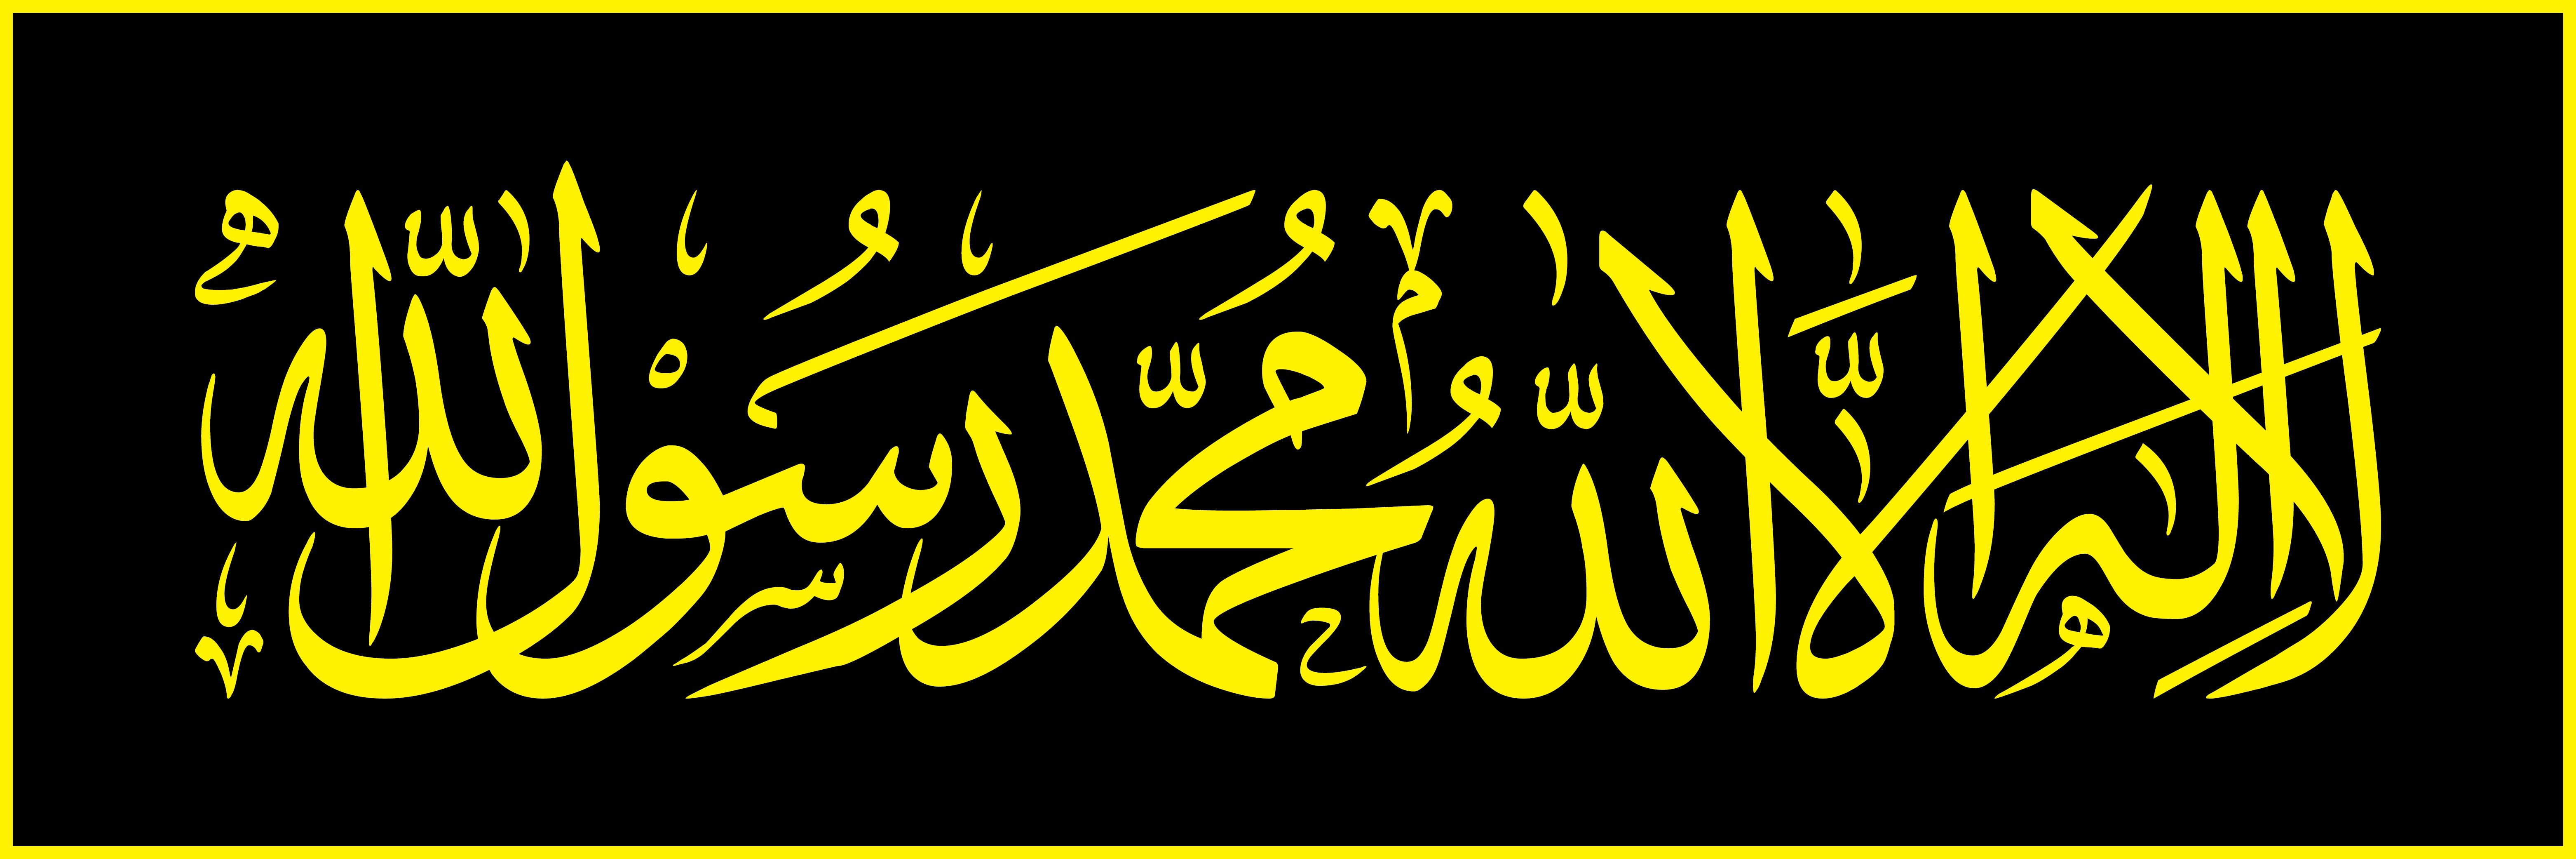 Arabicigraphy Pehla Kalma